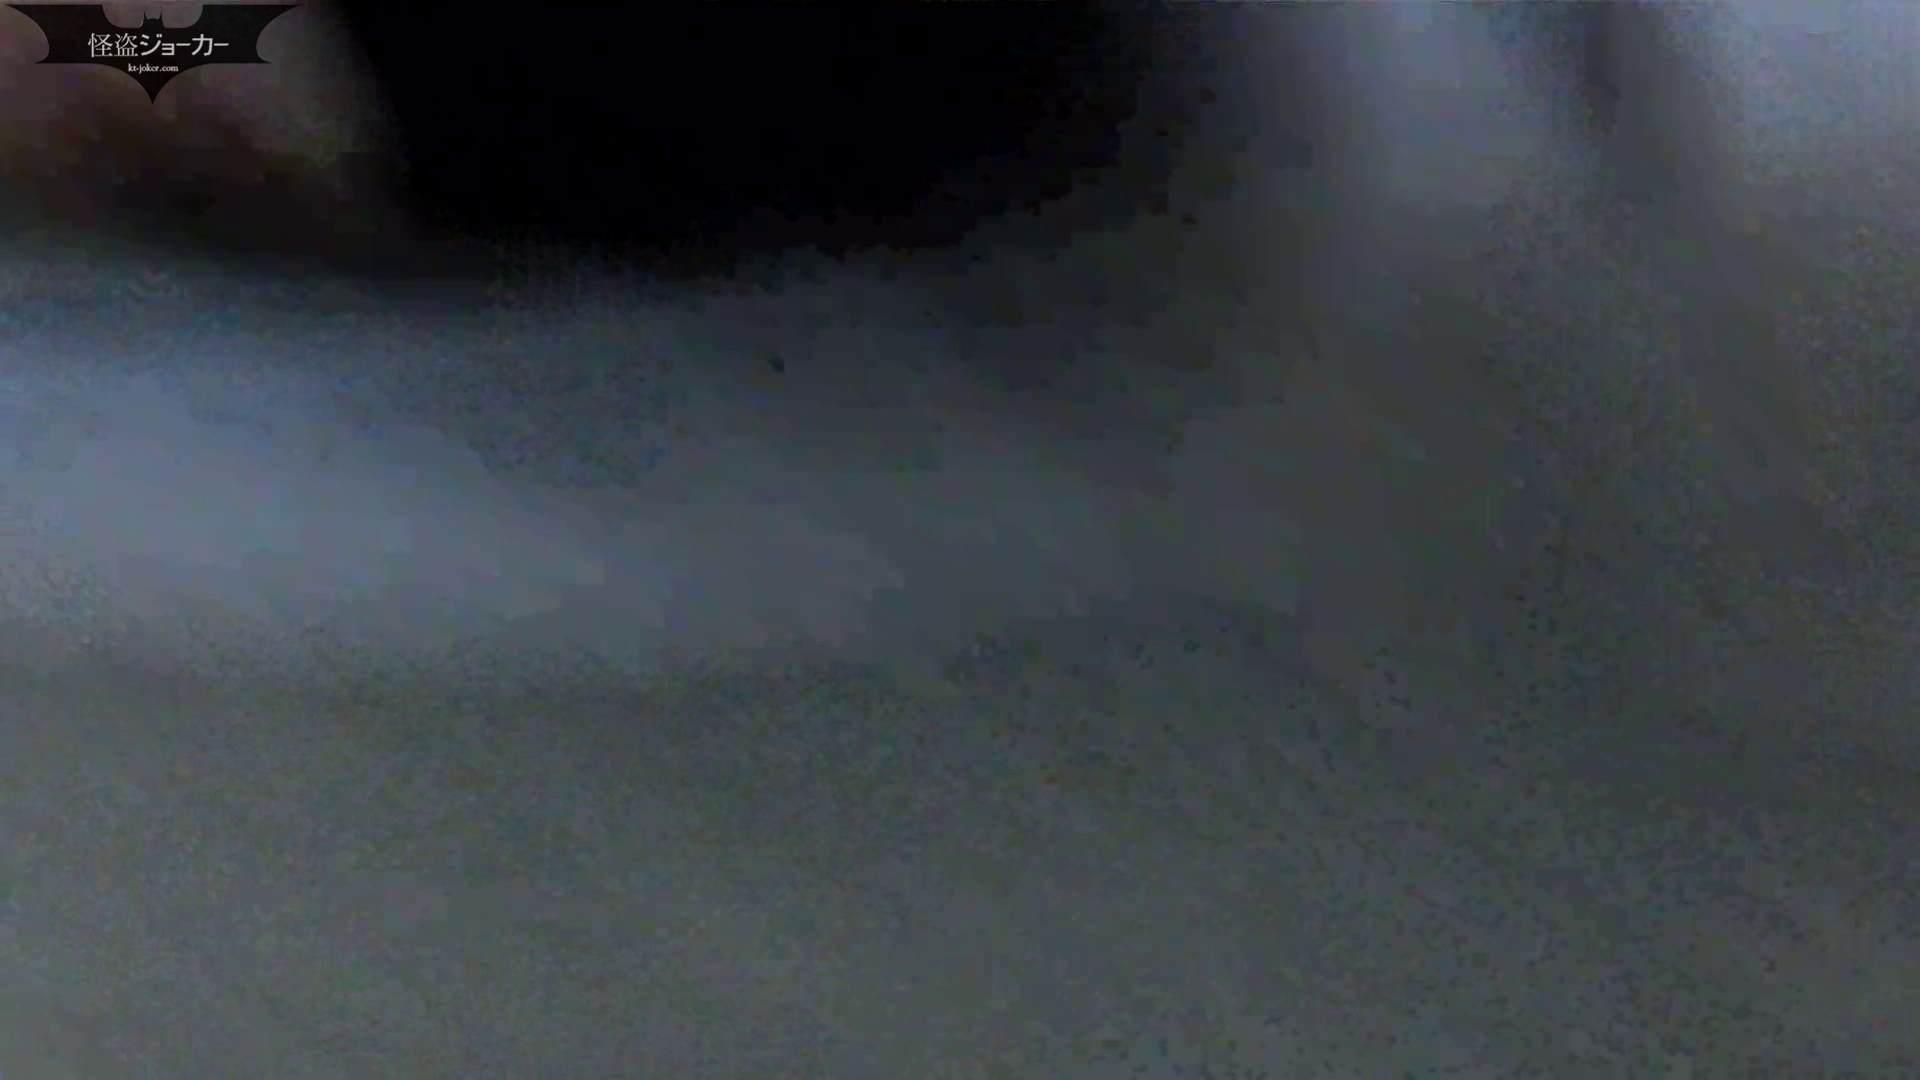 世界の射窓から ステーション編 vol.22 OL | 0  31連発 10